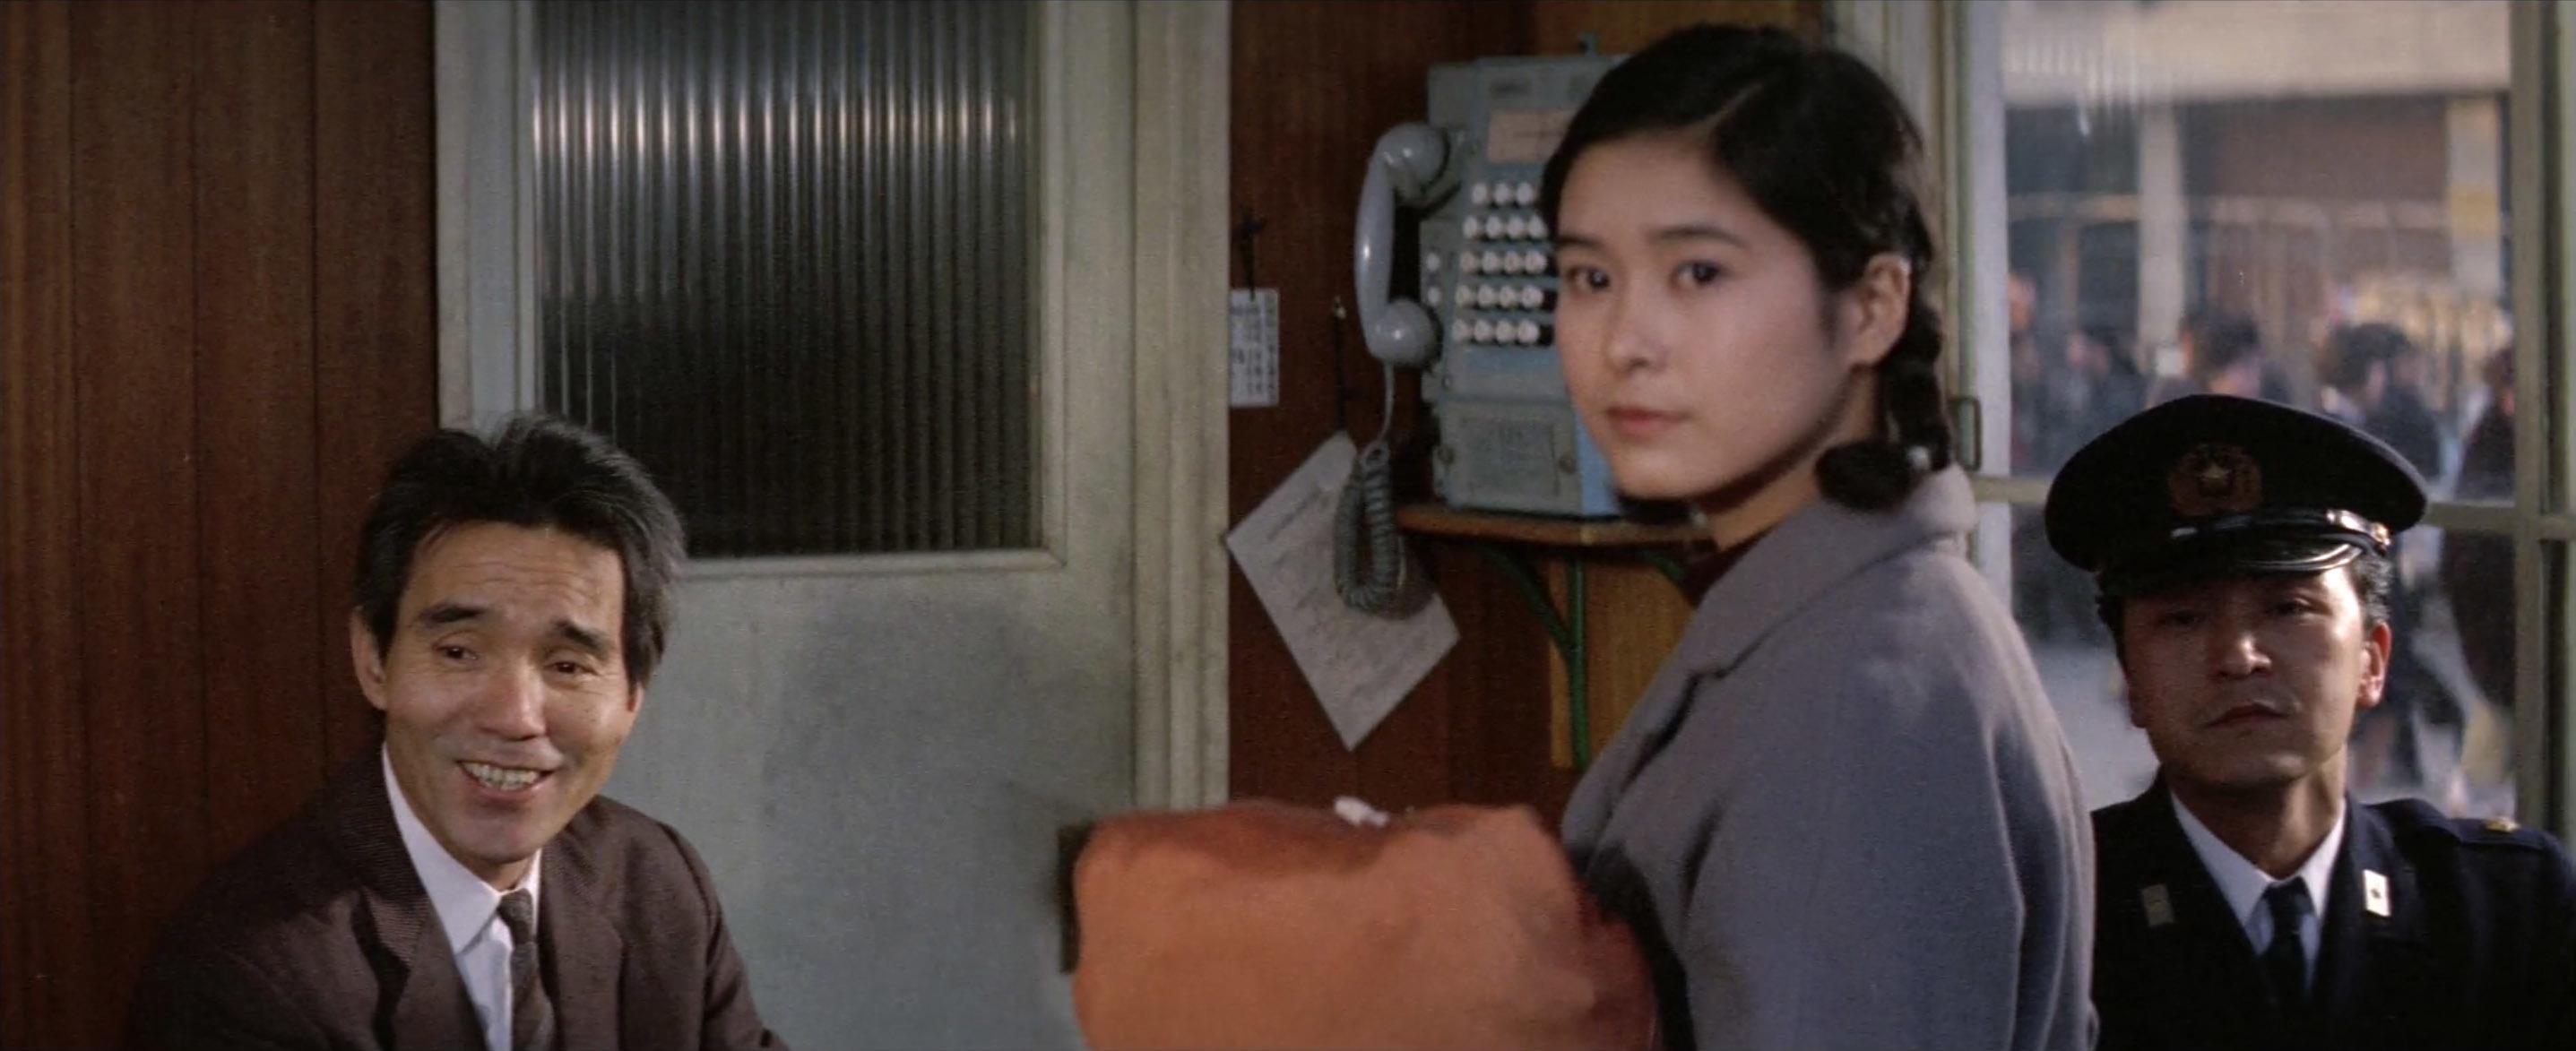 西尾三枝子(Mieko Nishio)「美しい十代」(1964)《前編》_e0042361_21090042.jpg